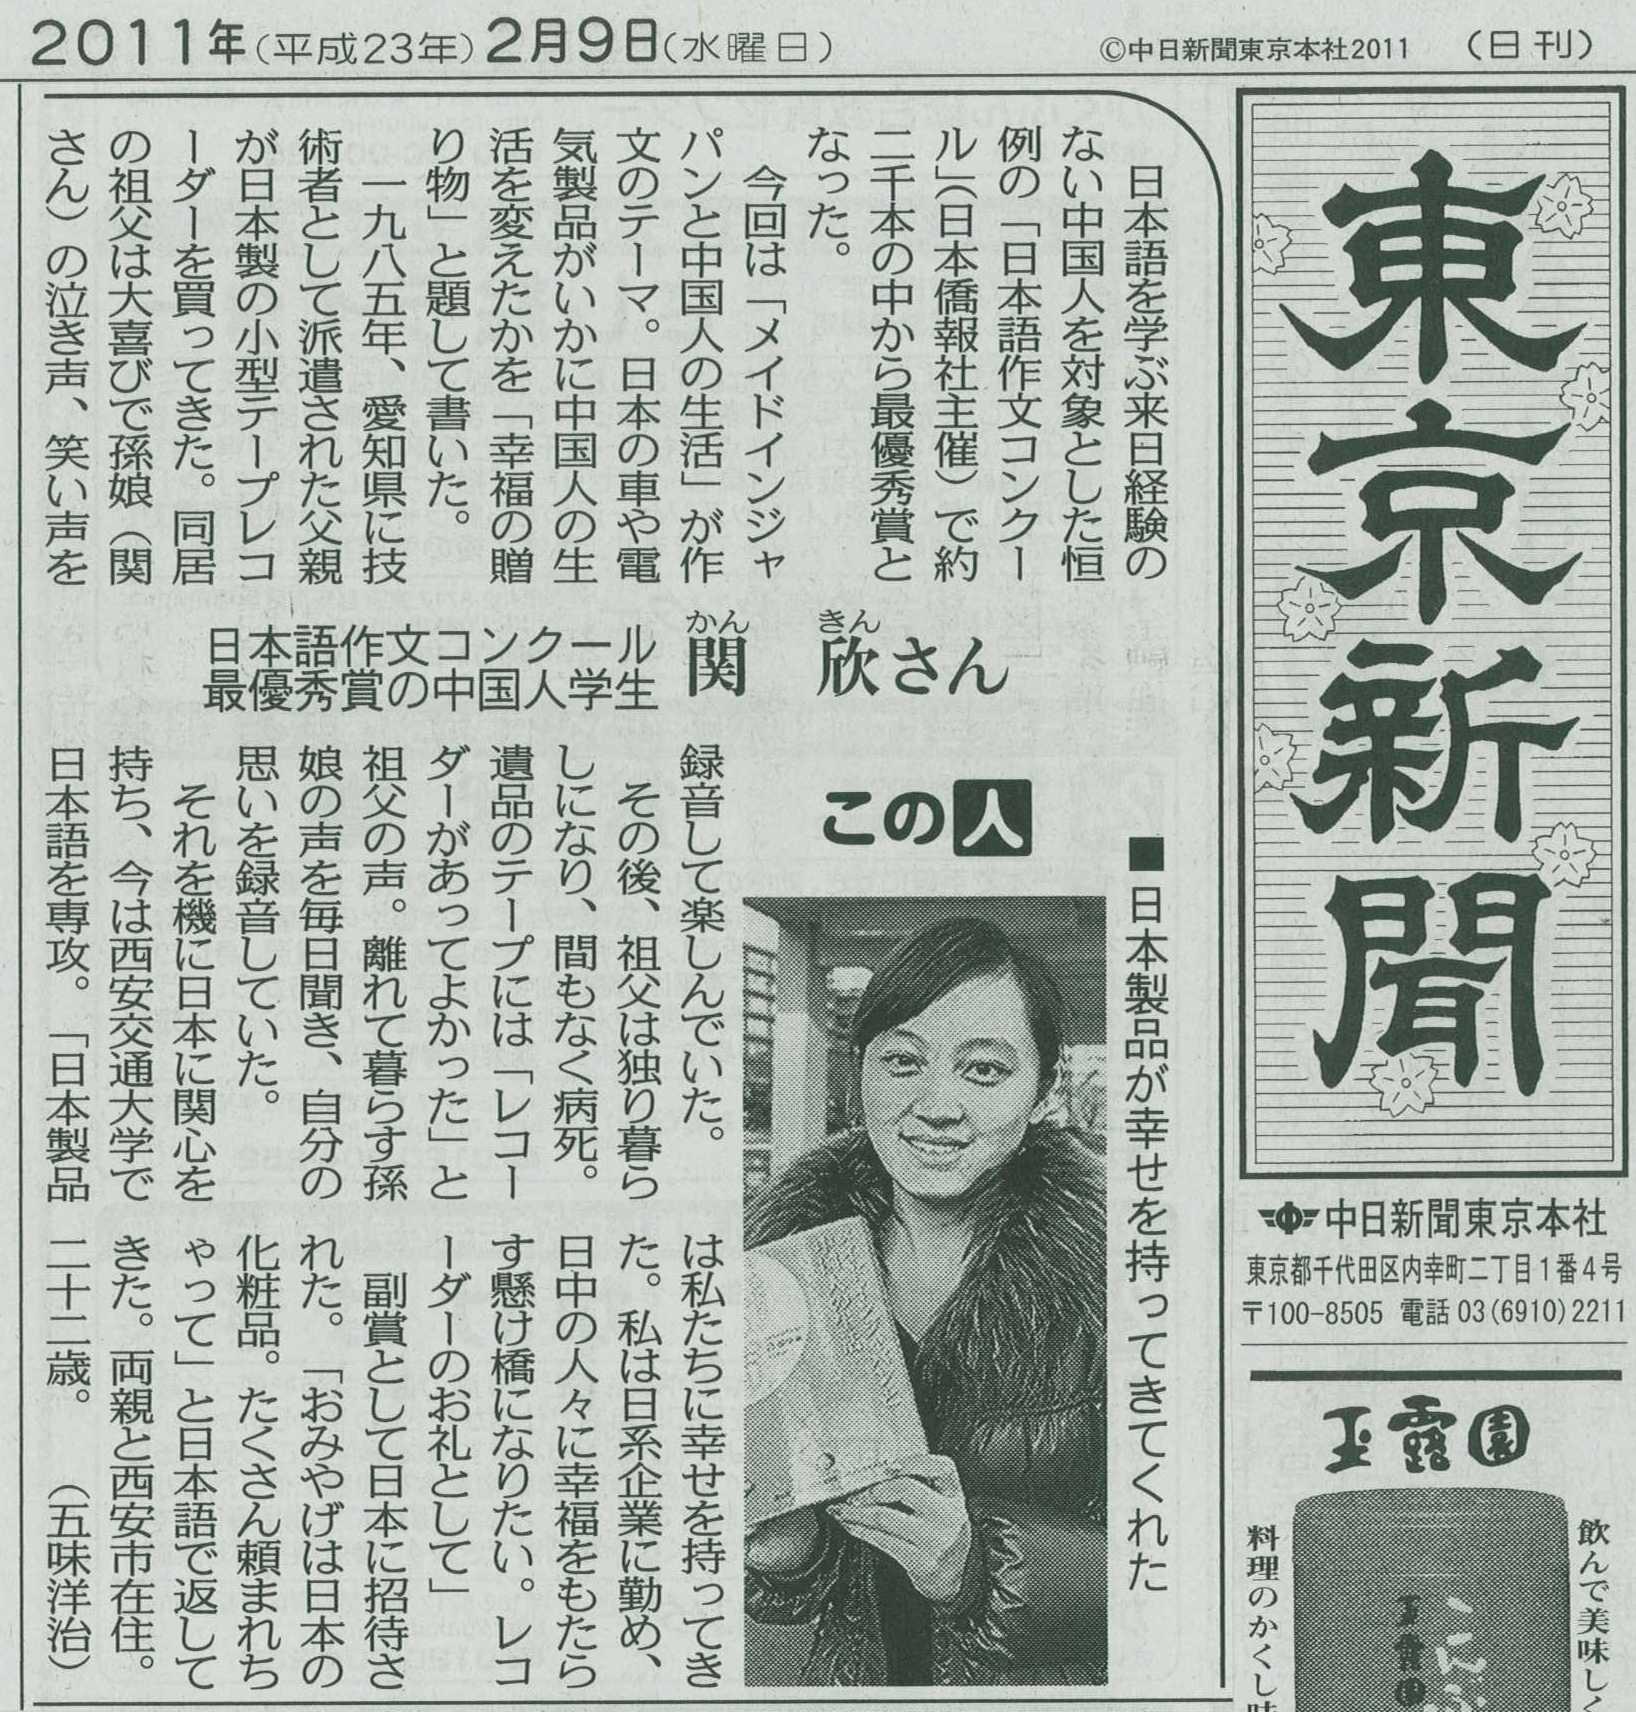 本日の東京新聞 最優秀賞(日本大使賞)受賞者関欣さんを報道_d0027795_992892.jpg